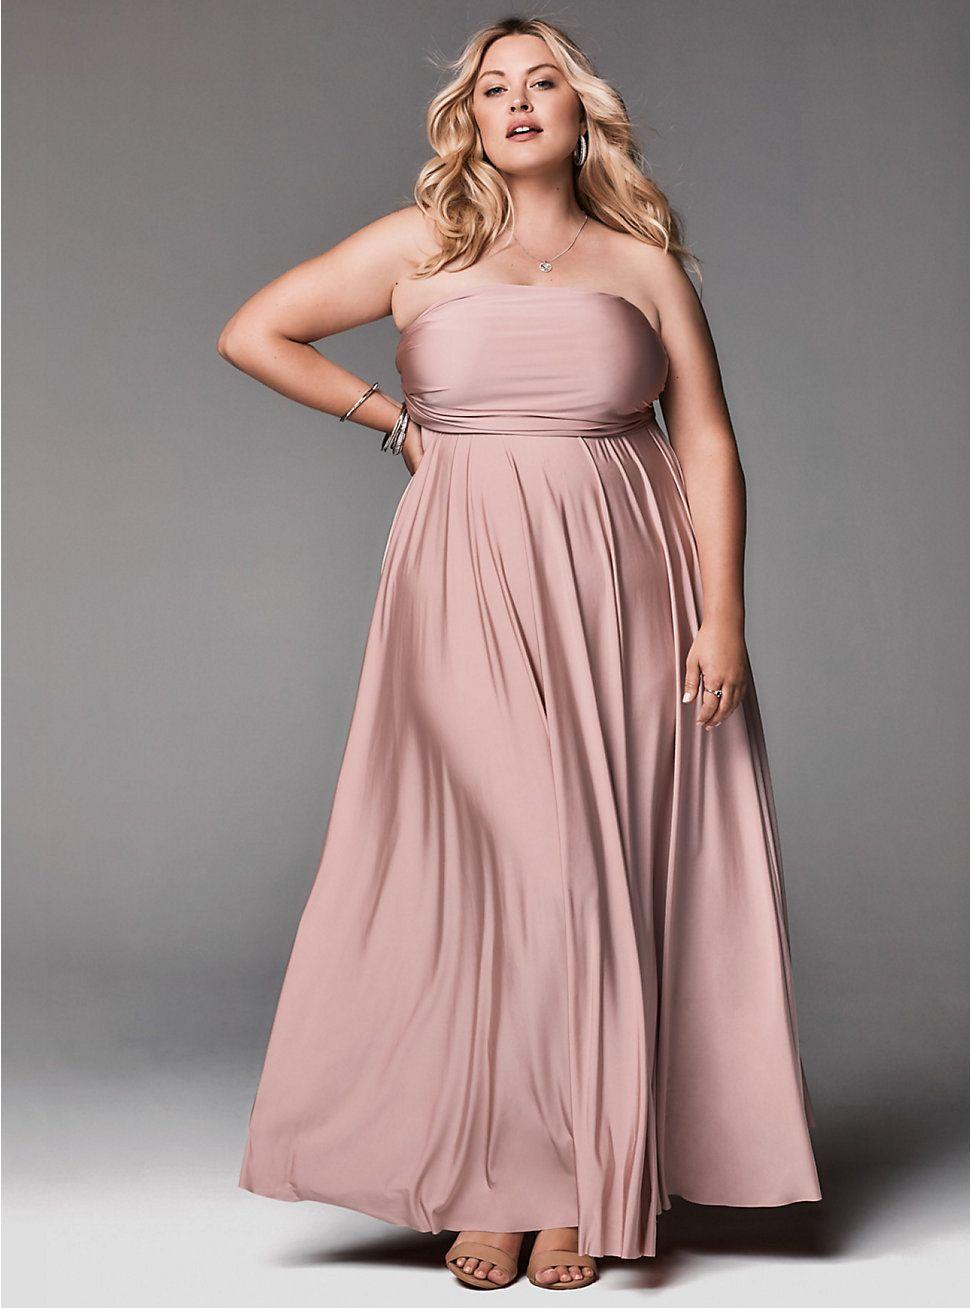 plus size special occasion dresses | plus size cocktail